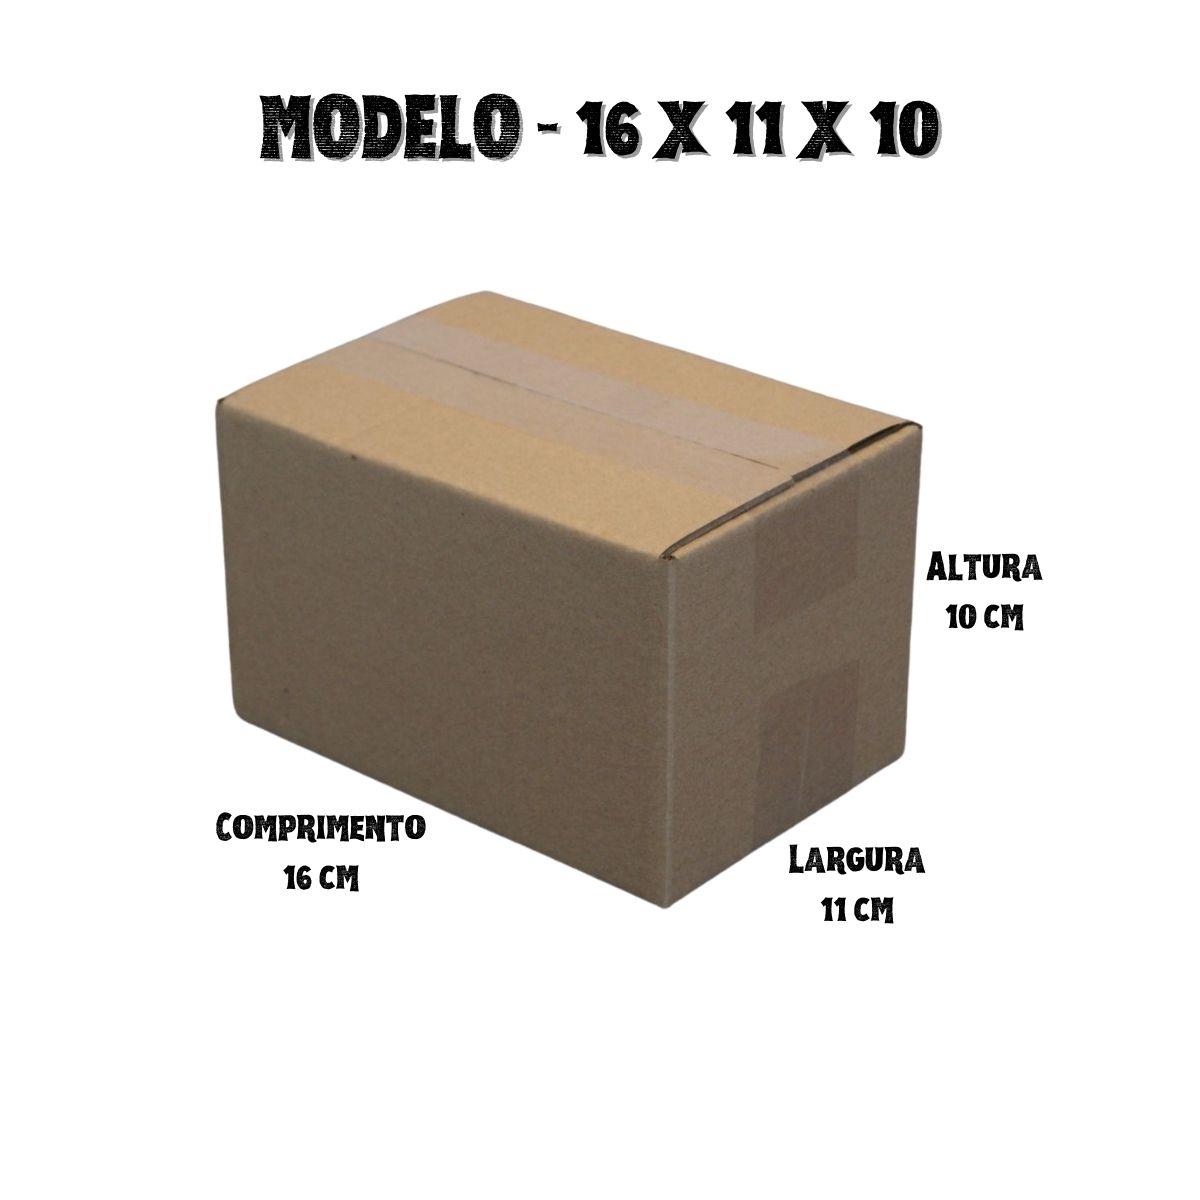 400 Caixas de Papelao (16X11X10)cm - Sedex / Pac / Correios